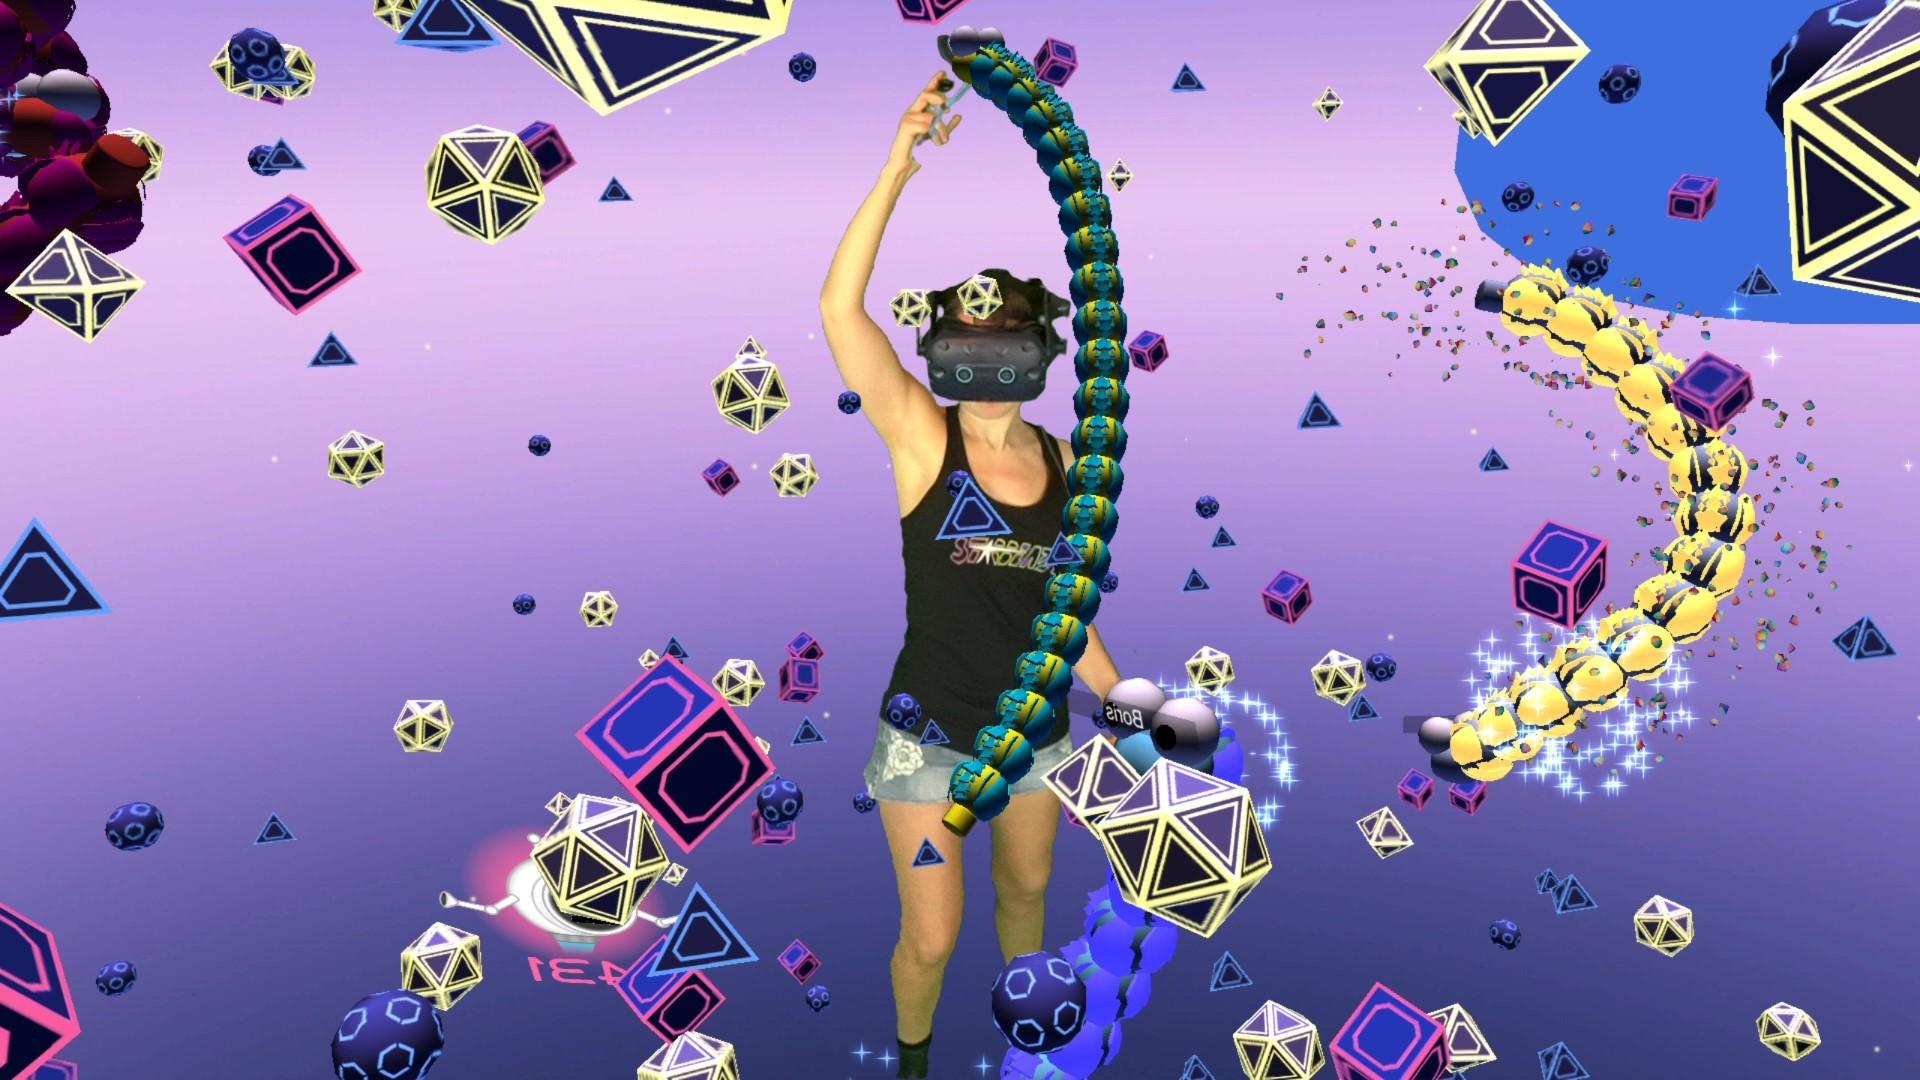 Oculus Quest 游戏《Space Slurpies》VR贪吃蛇插图(2)